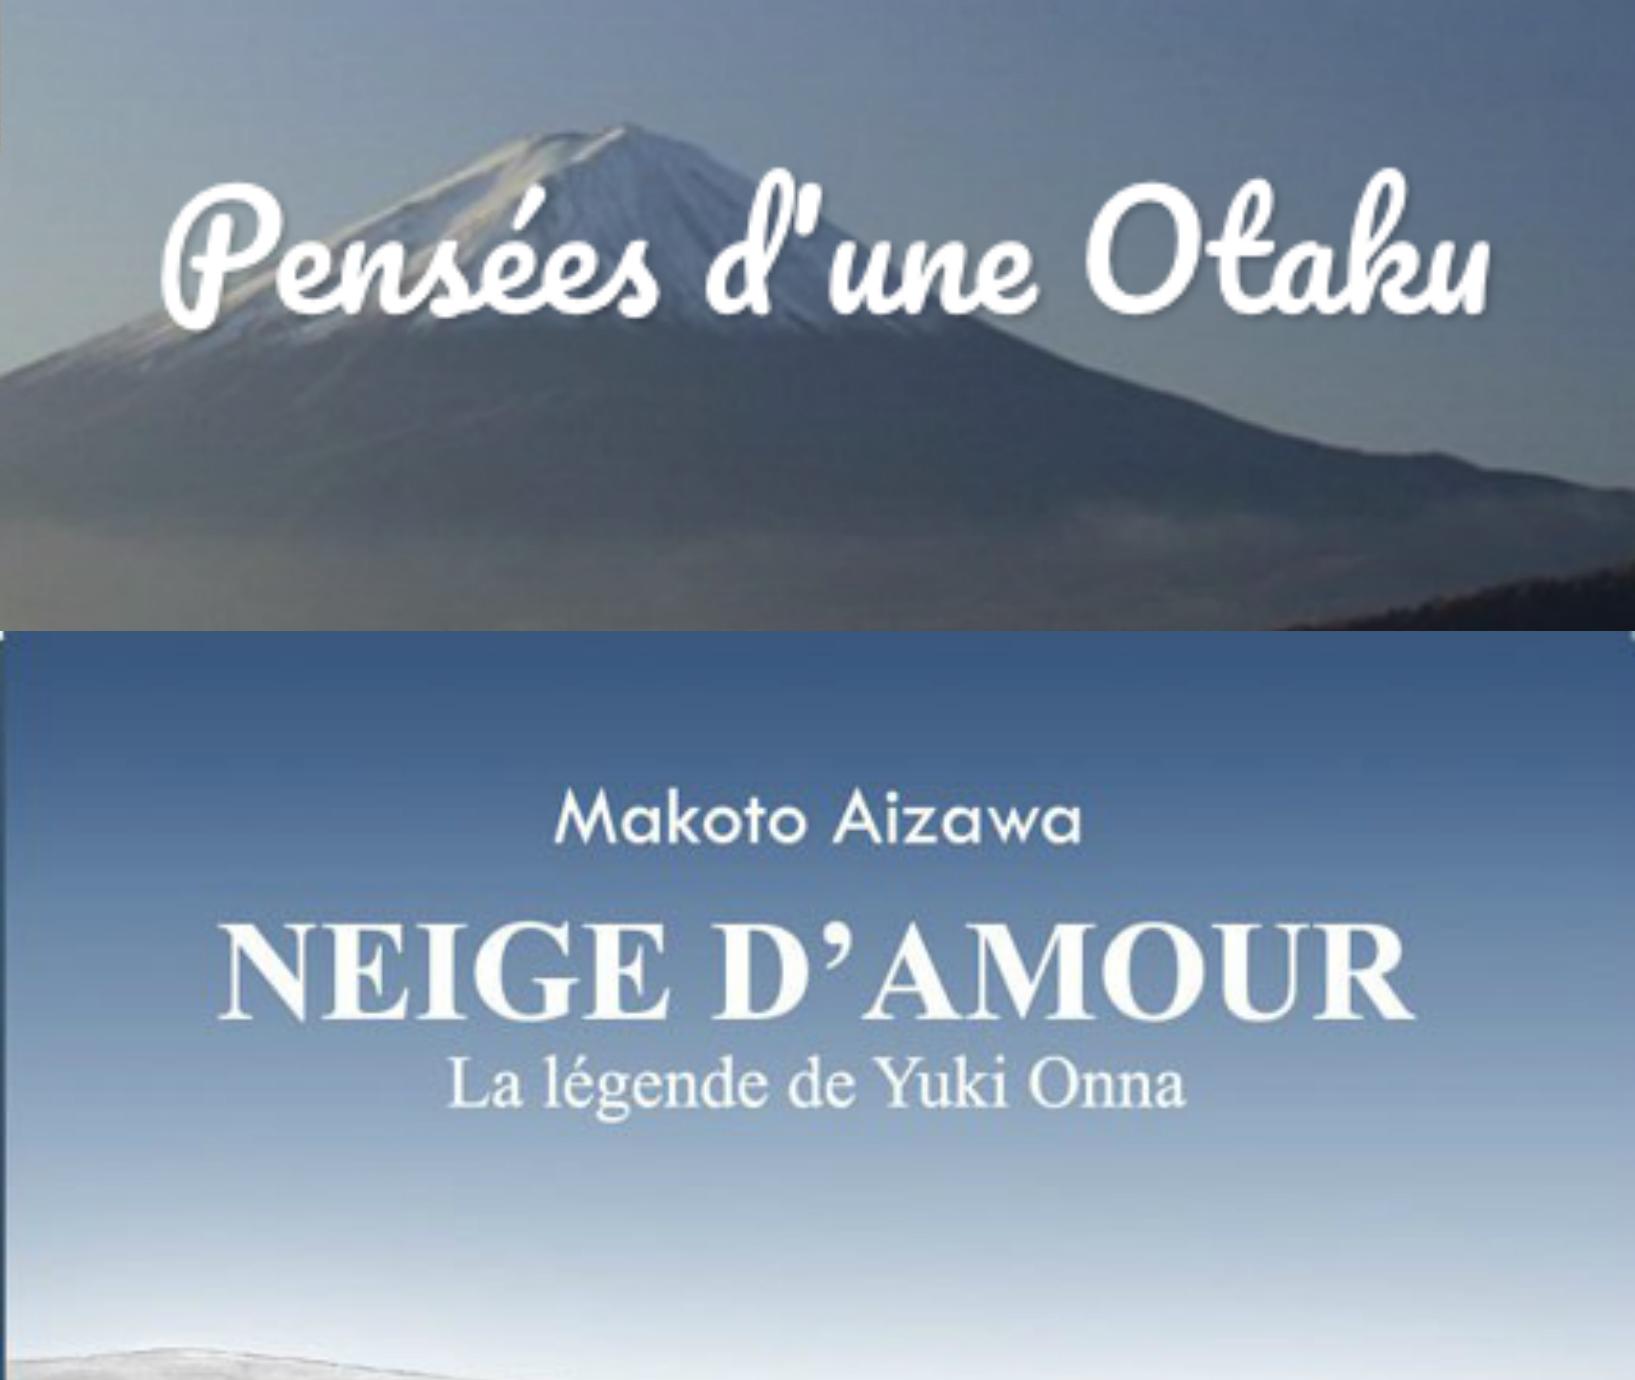 Le site Pensées d'une otaku n'a pas eu froid aux yeux en lisant Neige d'amour, la légende de Yuki Onna